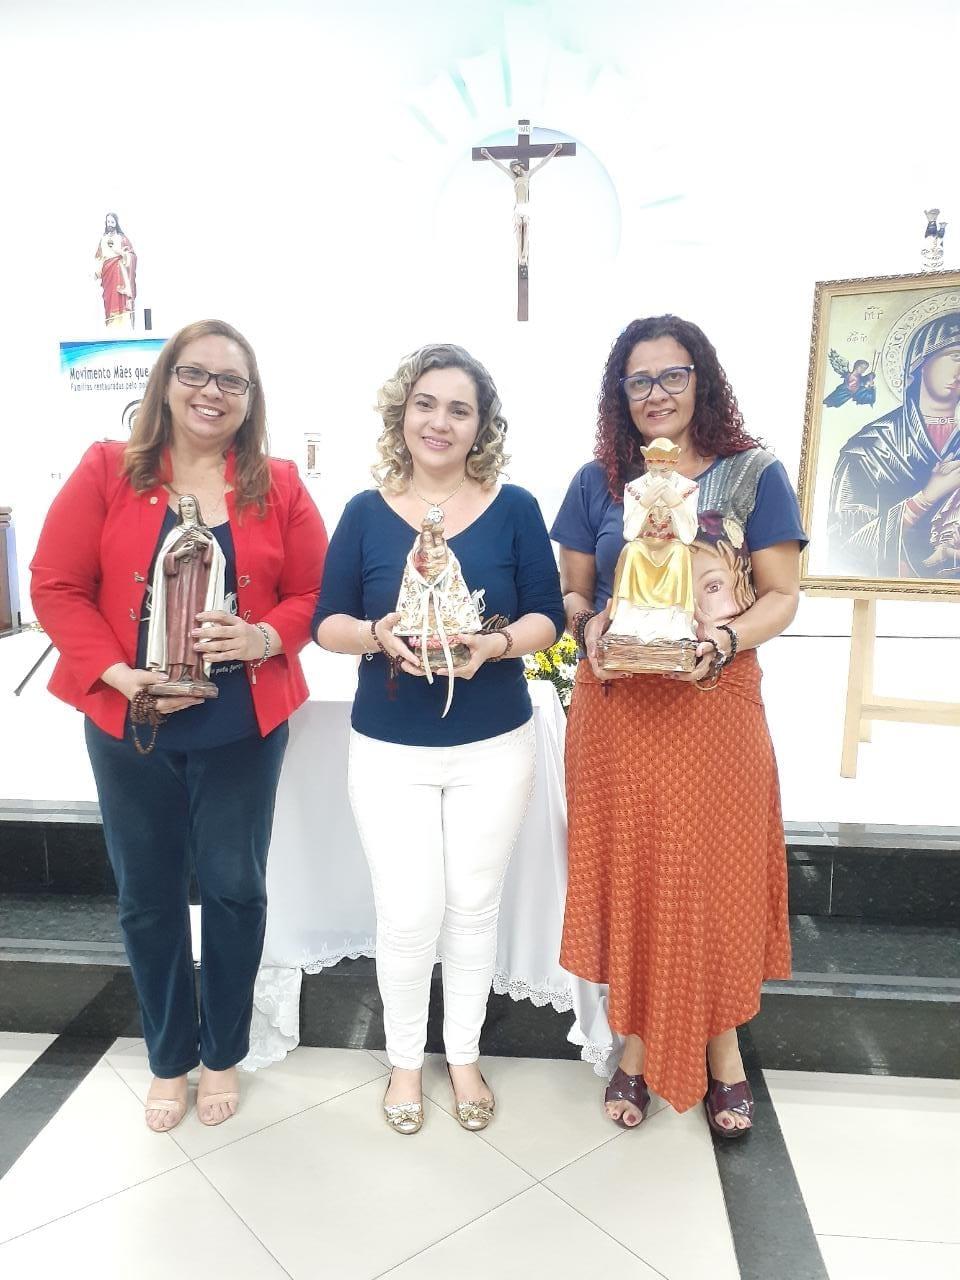 GRUPO DE MÃES DA PARÓQUIA NOSSA SENHORA DE LORETO – BELÉM/PA